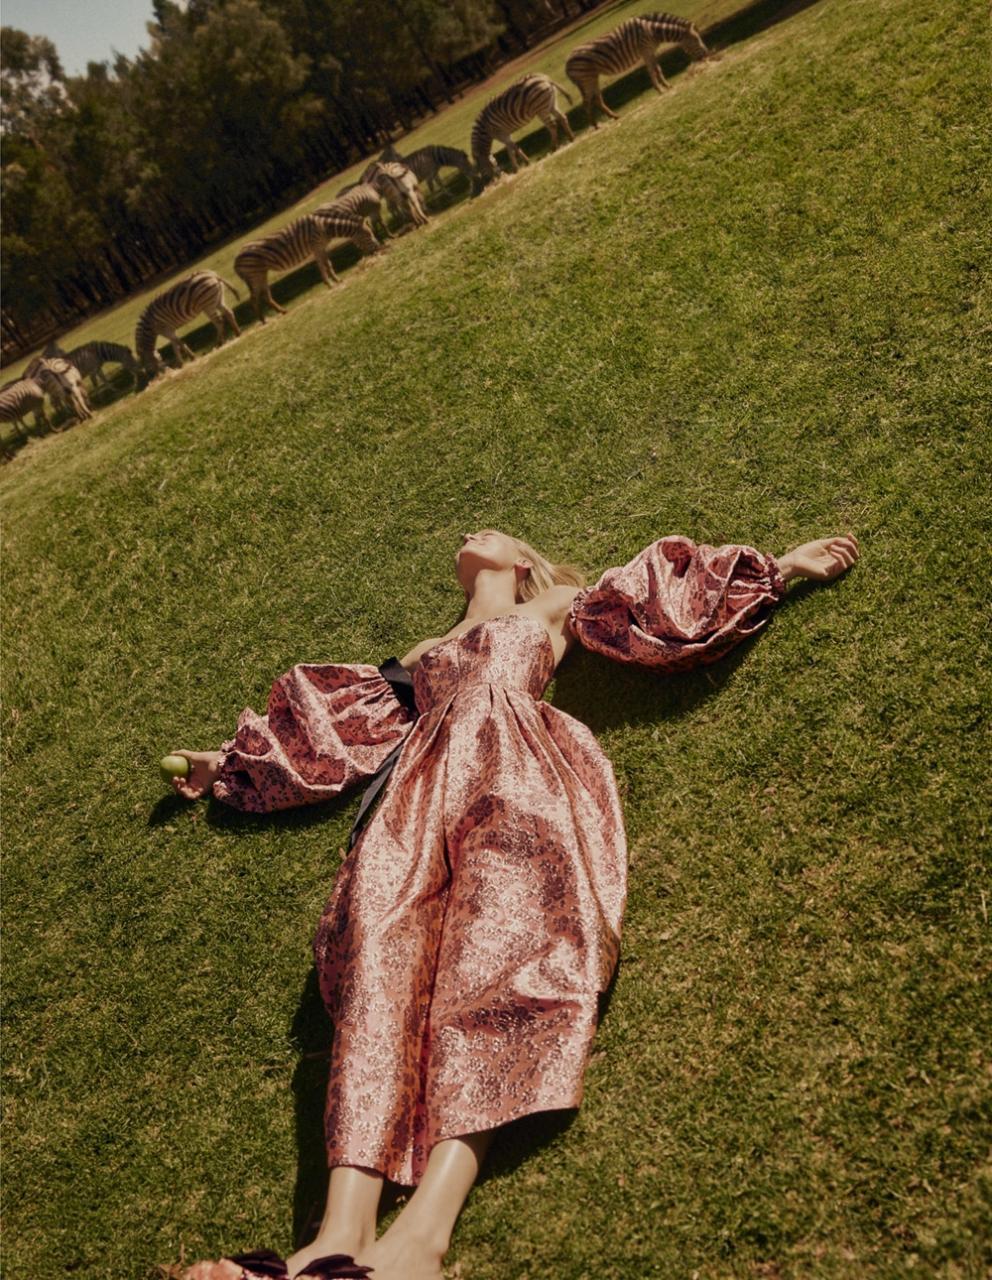 澳大利亚版《时尚芭莎》外景人像大片 时尚图库 第11张